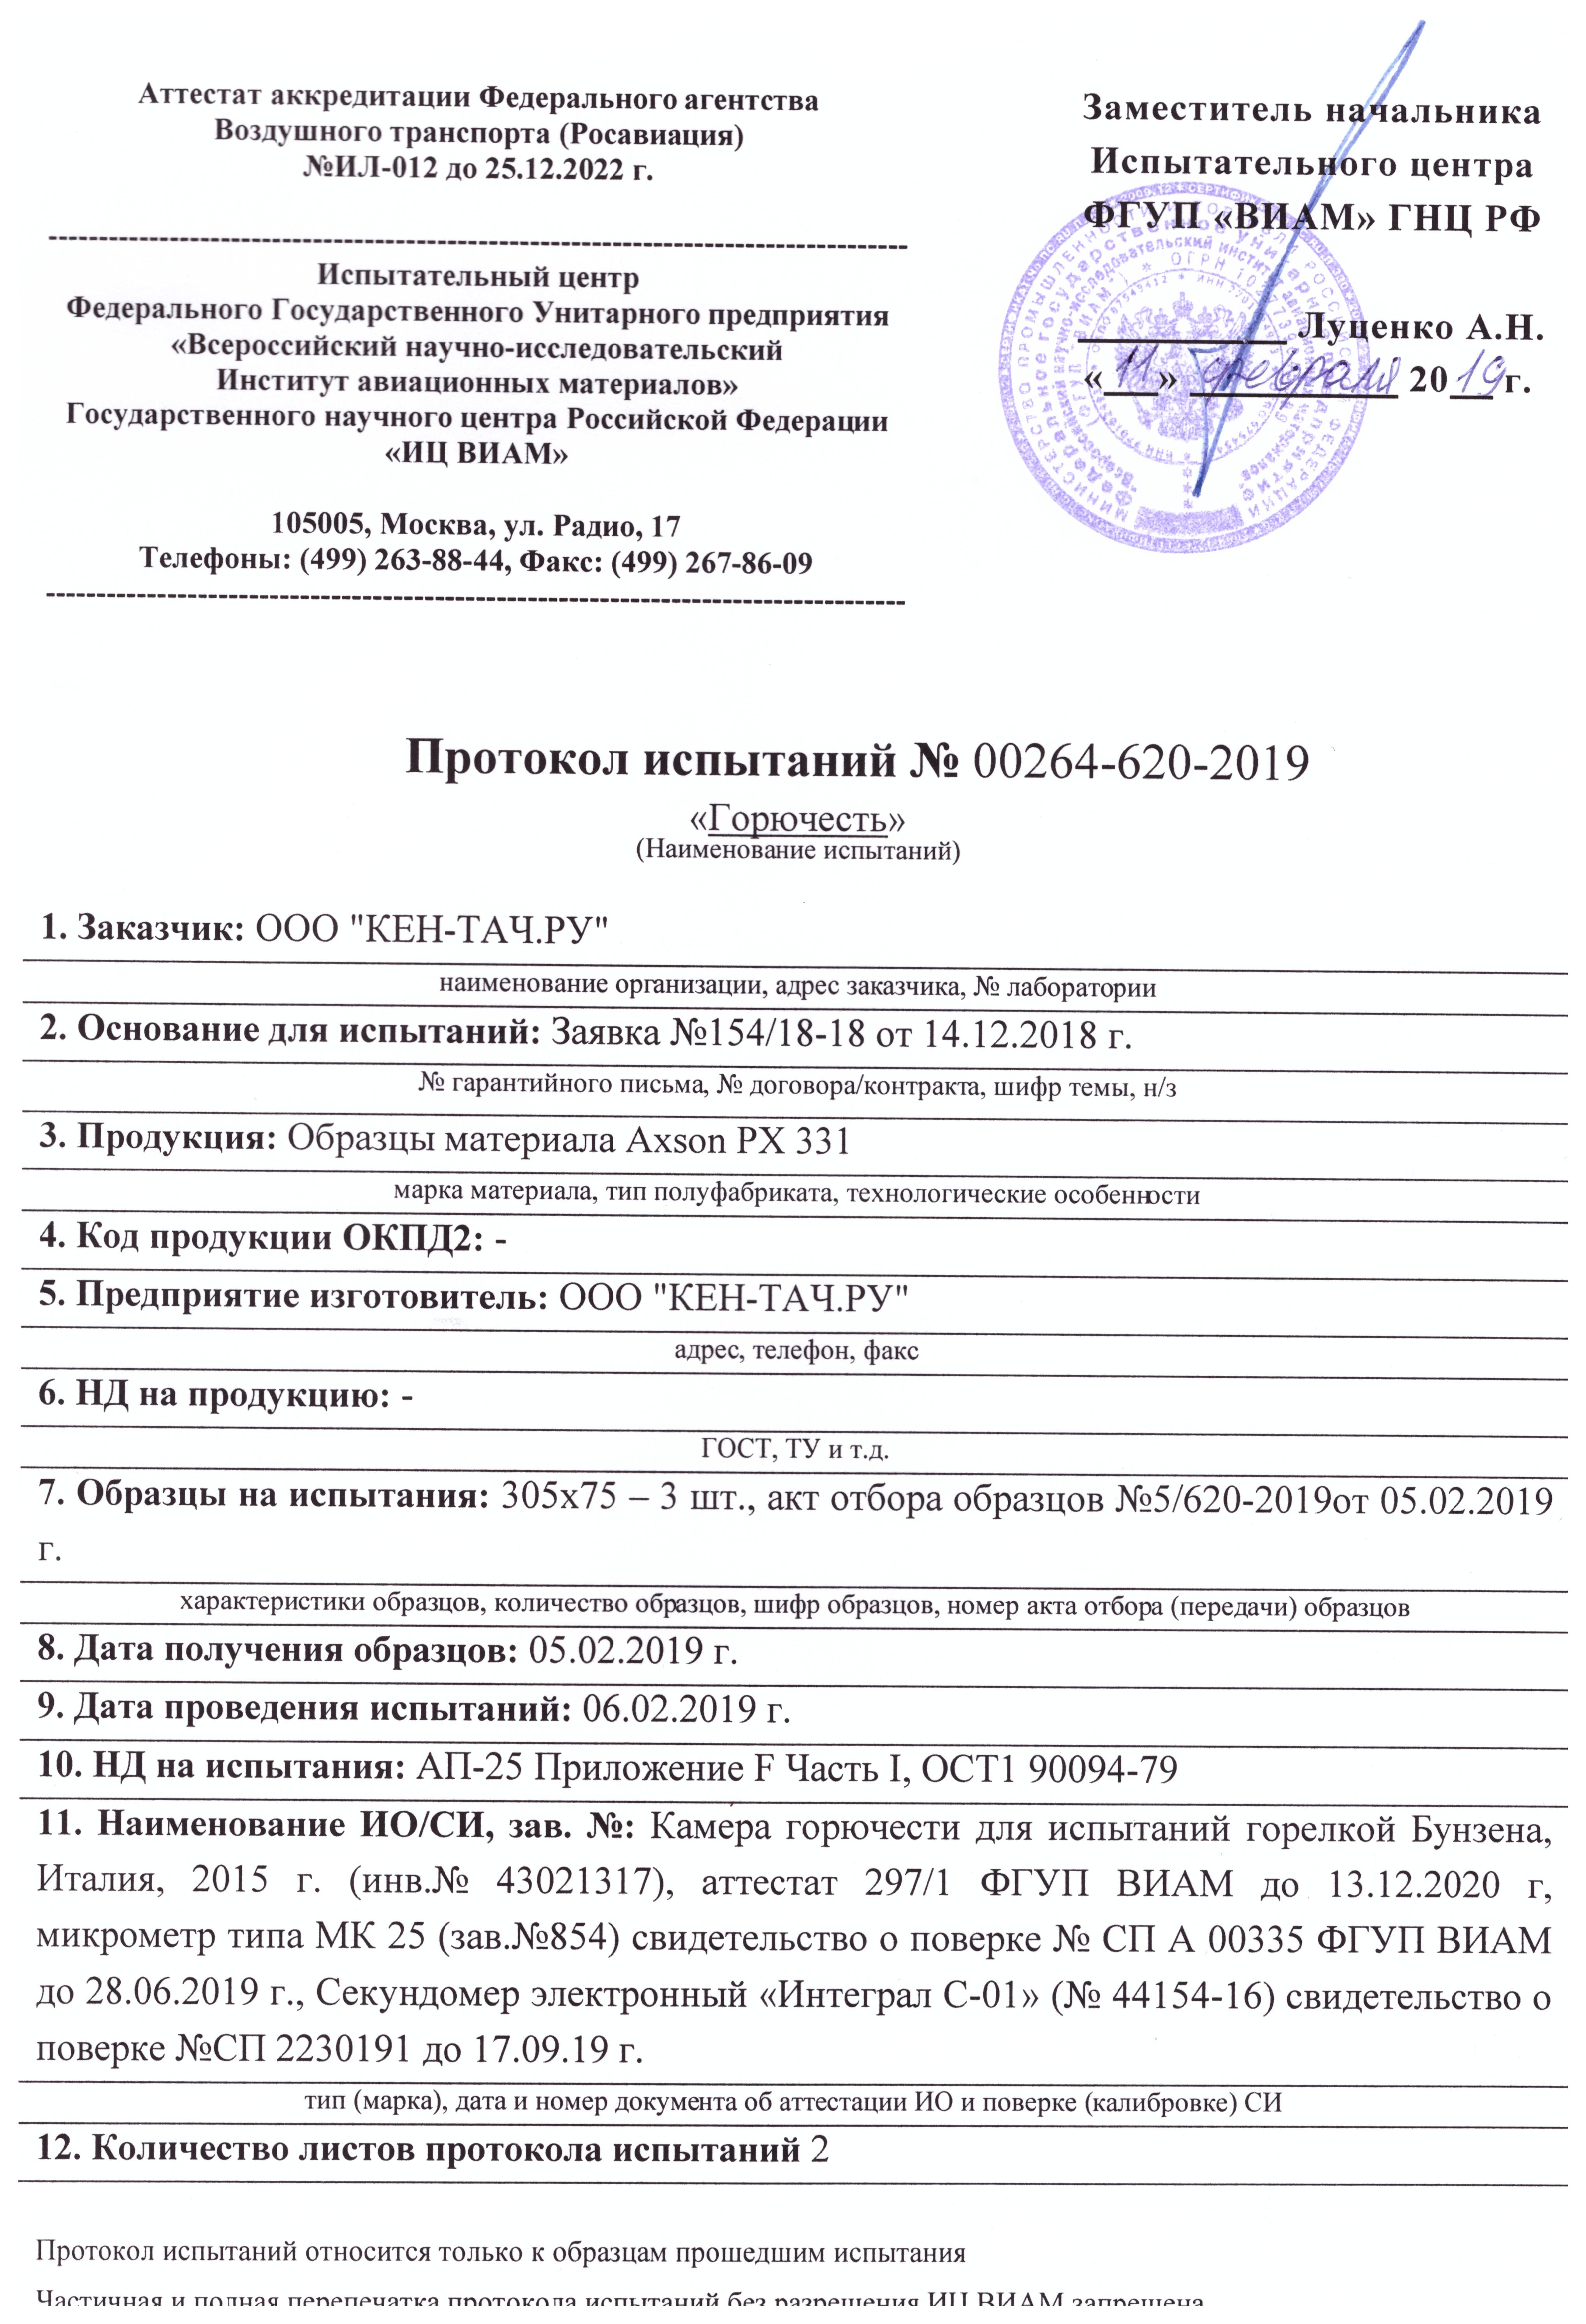 """Протокол испытаний образцов материала Axson PX 331 в """"ВИАМ"""""""